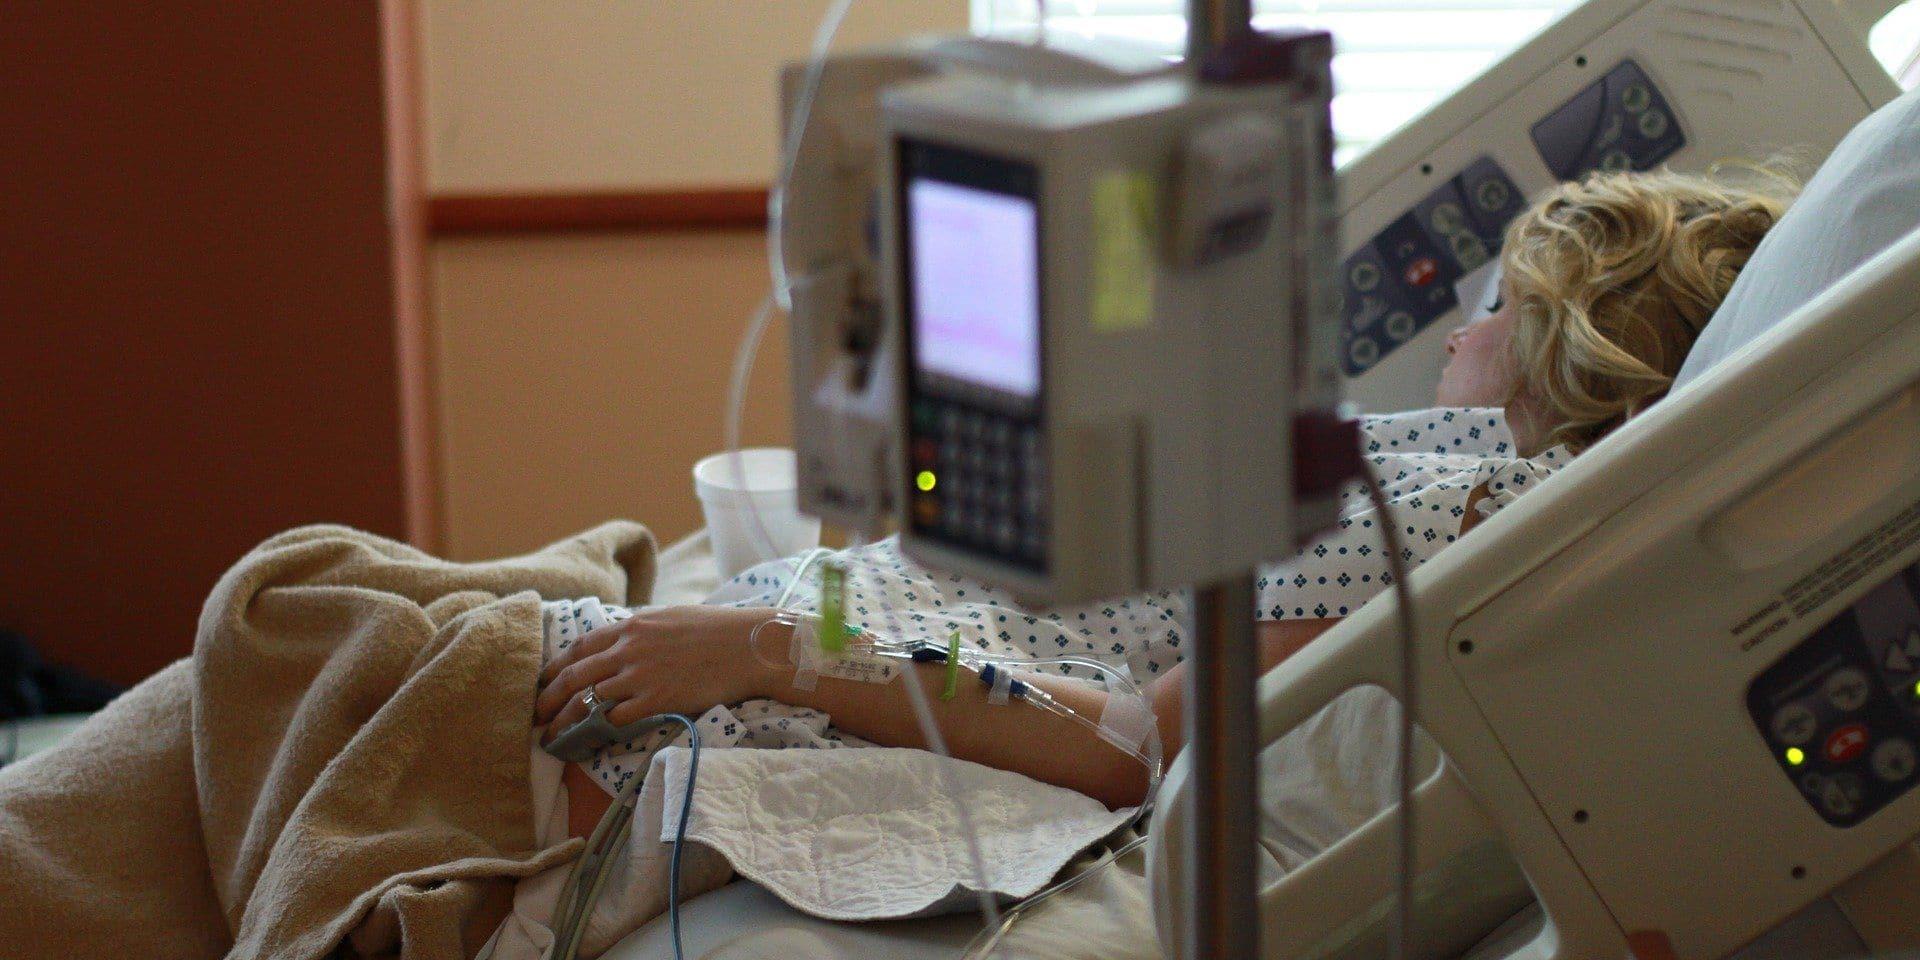 """""""On risque de voir débarquer bientôt aux urgences des personnes qui ont laissé leur état de santé se dégrader, de peur de se rendre à l'hôpital"""""""